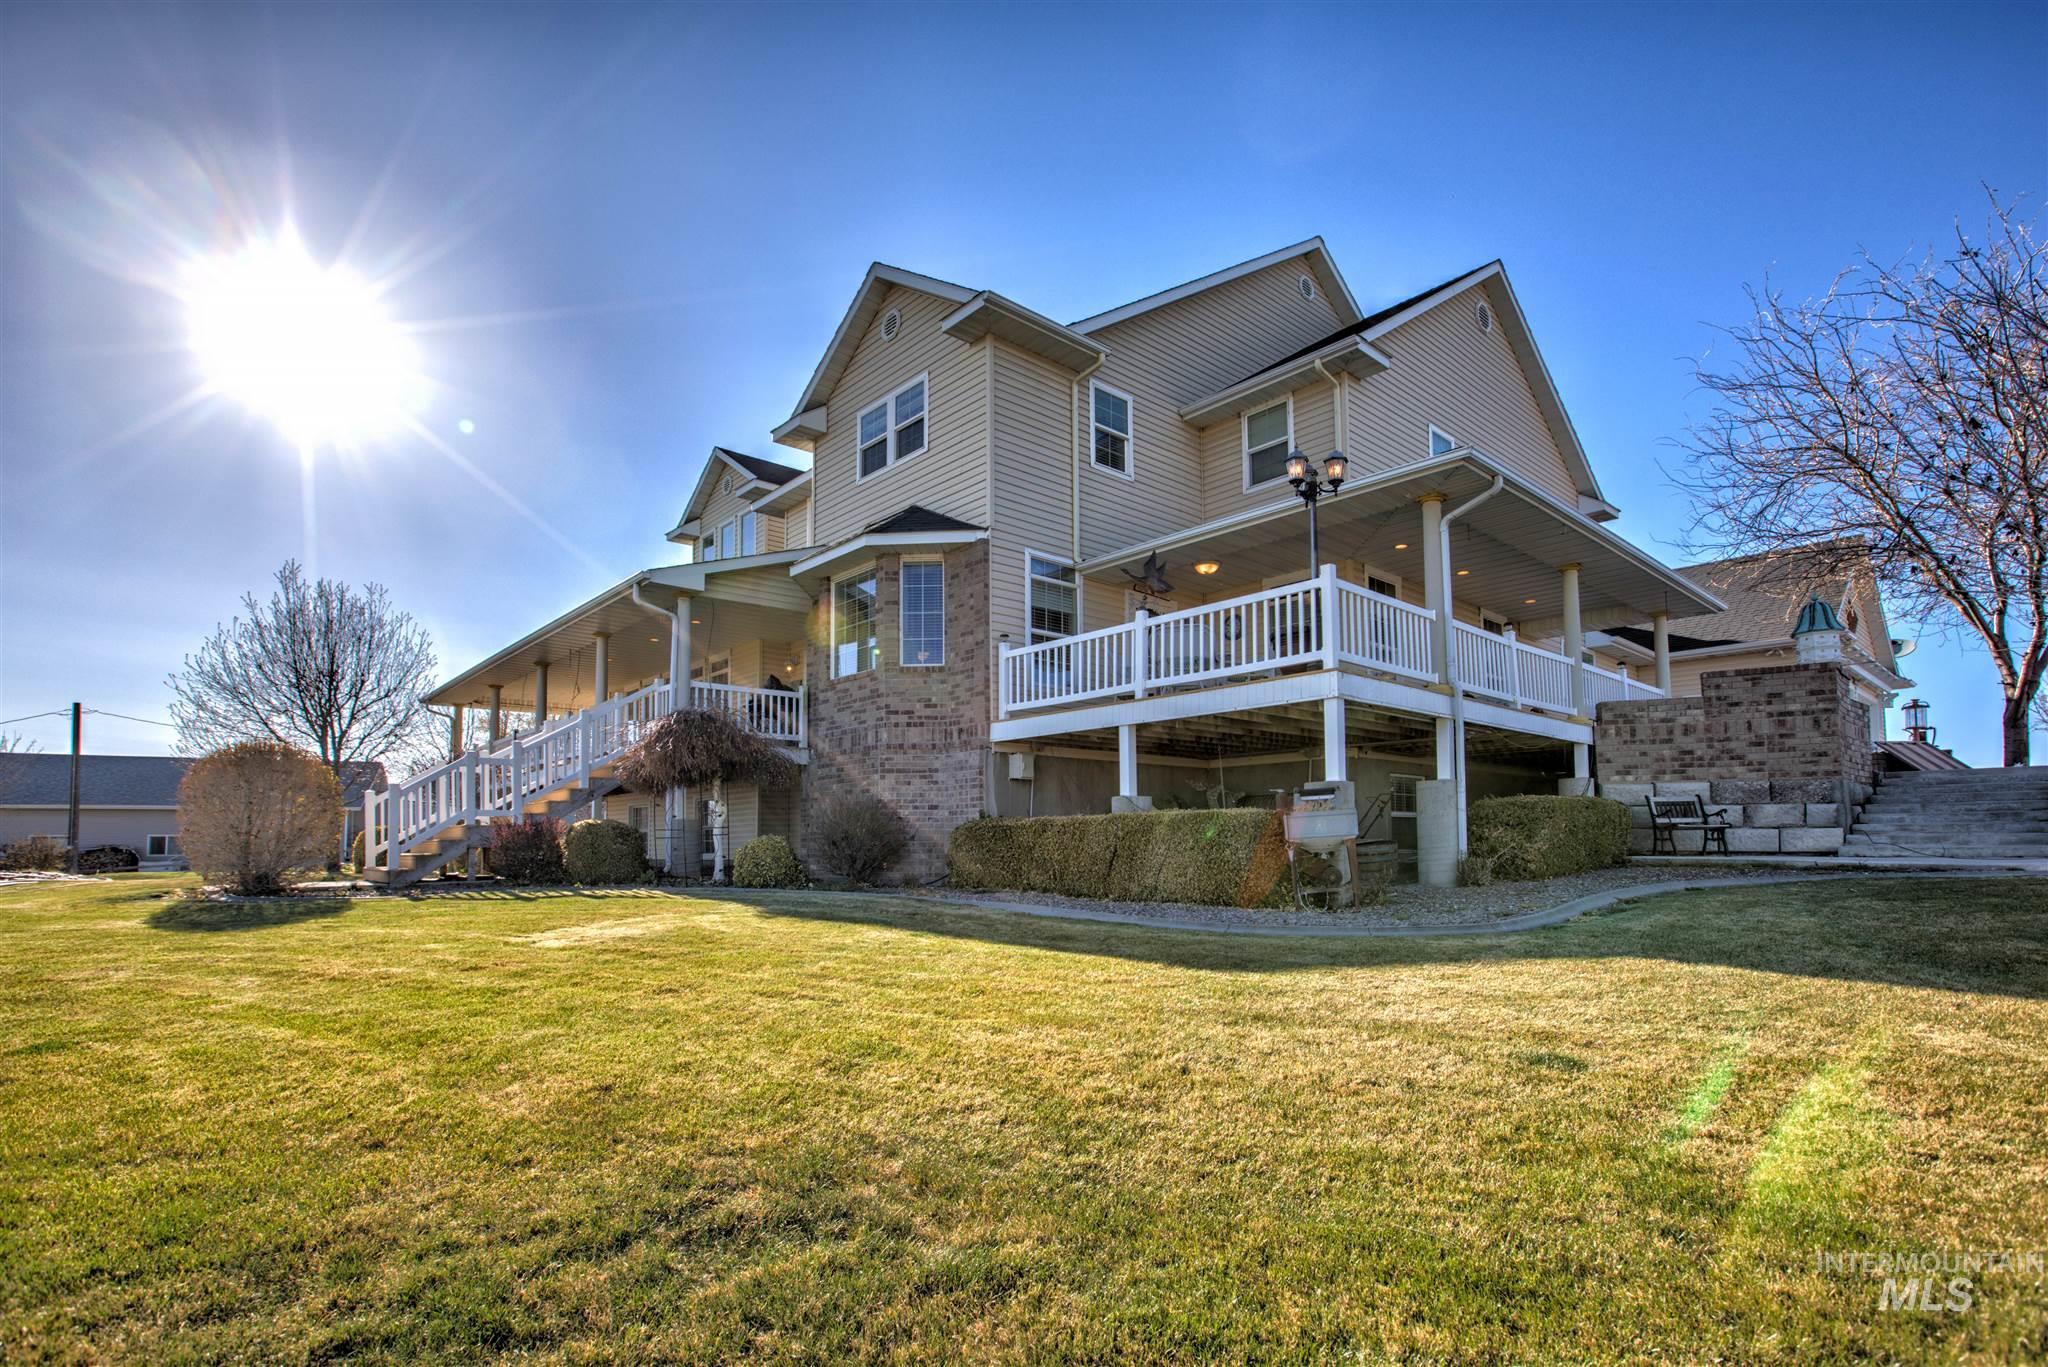 930 W Wanda Lane Property Photo - Heyburn, ID real estate listing